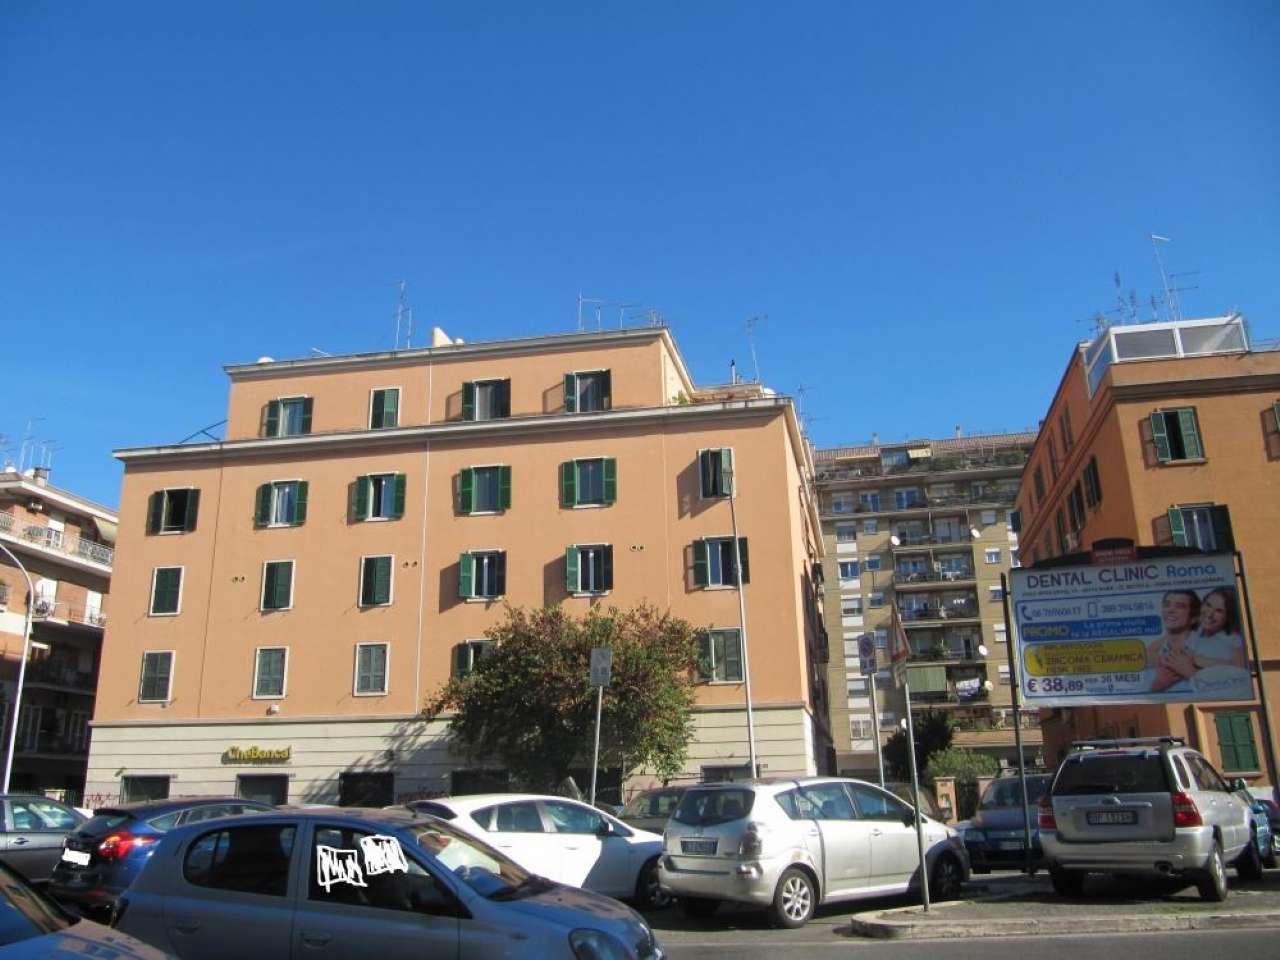 Appartamento in vendita a Roma, 9999 locali, zona Zona: 12 . Cinecittà,Don Bosco, Lucrezia Romana, prezzo € 205.000 | CambioCasa.it